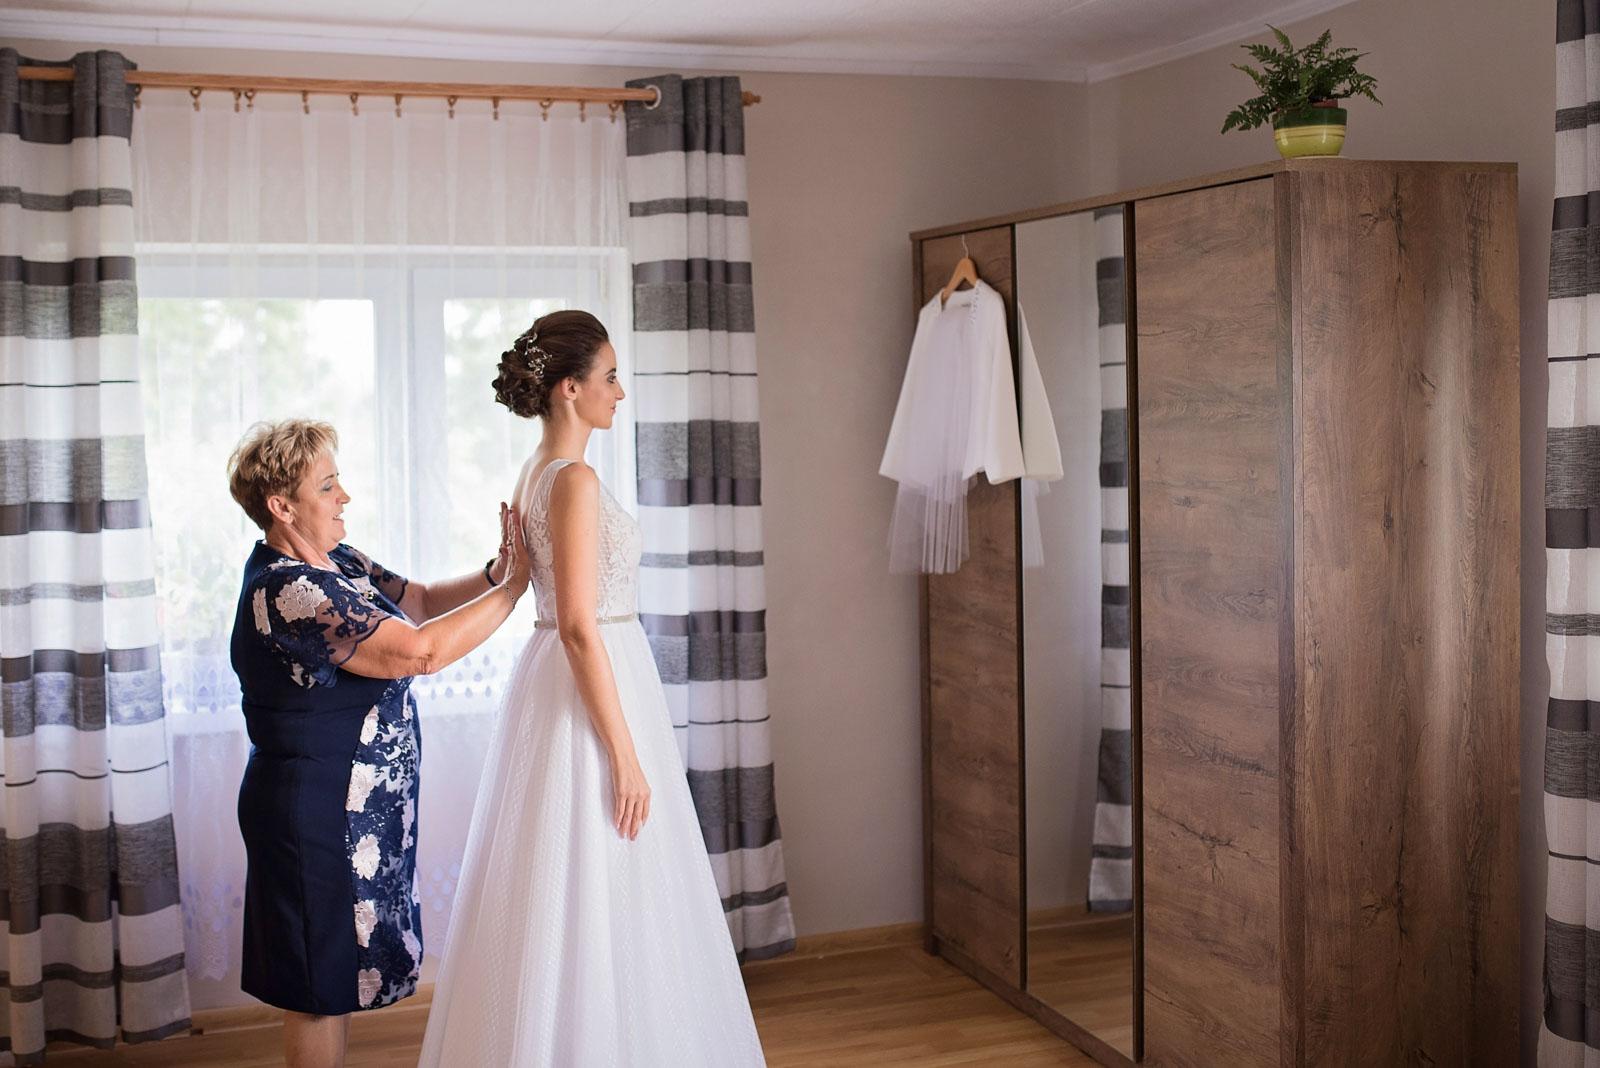 przygotowania-u-panny-mlodej-banie-mazurskie-wesele (5).jpg